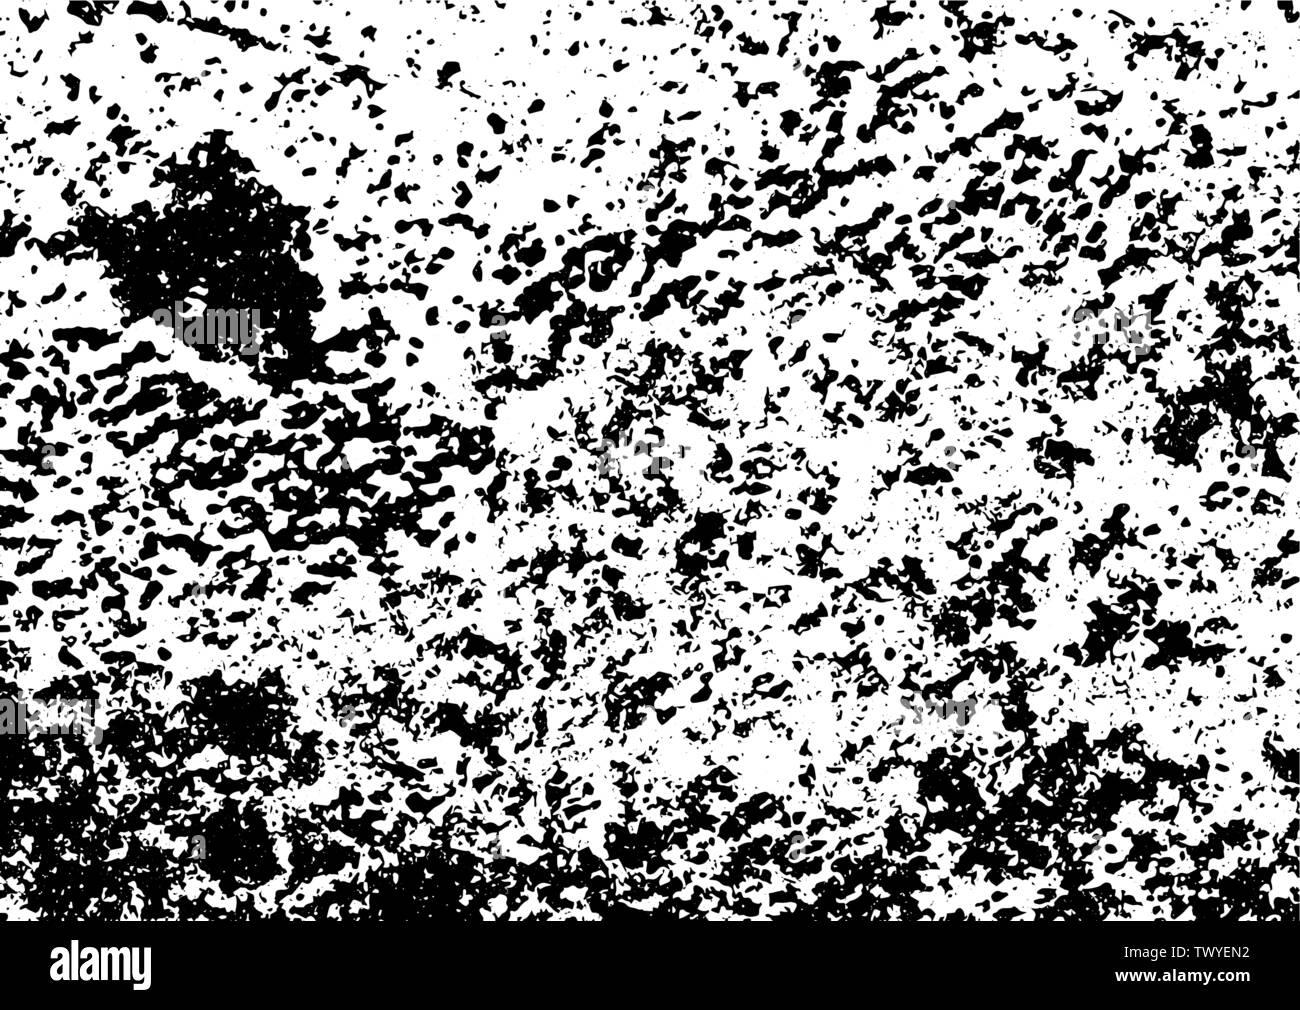 Grunge noir et blanc. Superposition de détresse de texture. Résumé La poussière de surface rugueuse et mur sale concept d'arrière-plan. Illustration de détresse placez simplement vo Photo Stock